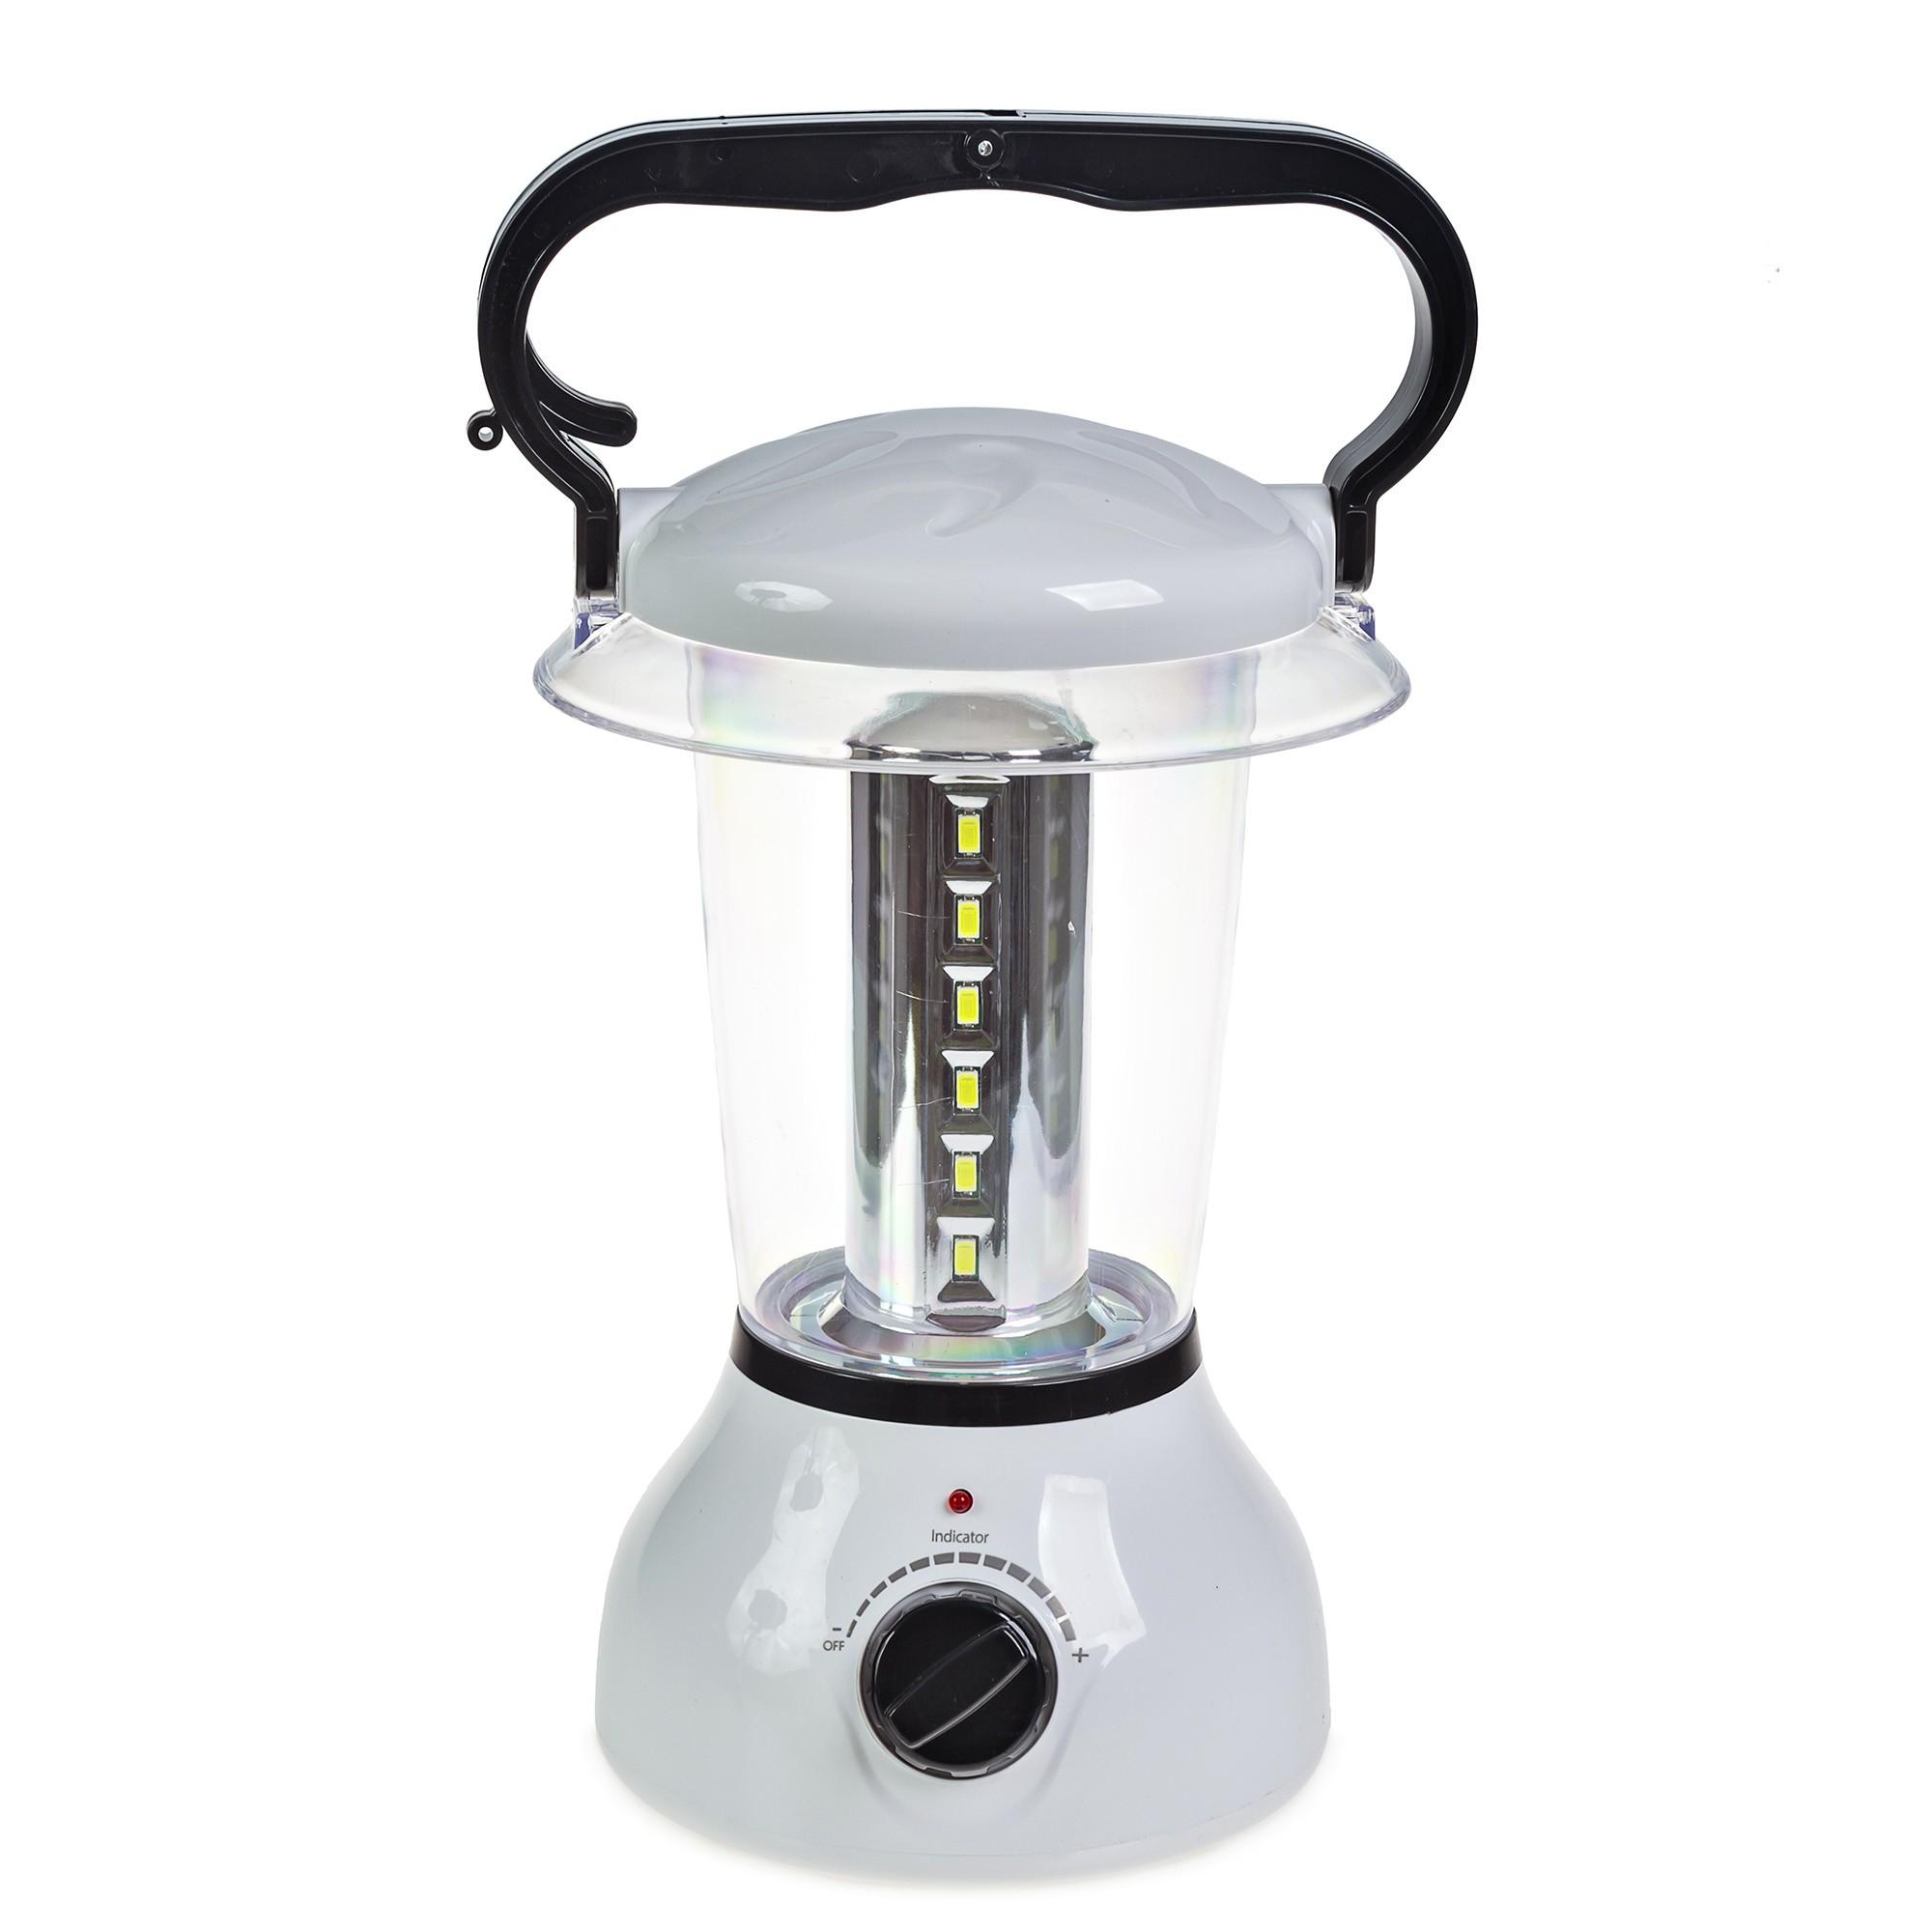 Lanterna Lampião Recarregável 24 Leds Bivolt Entrada Para Carregador Solar - Alfacell